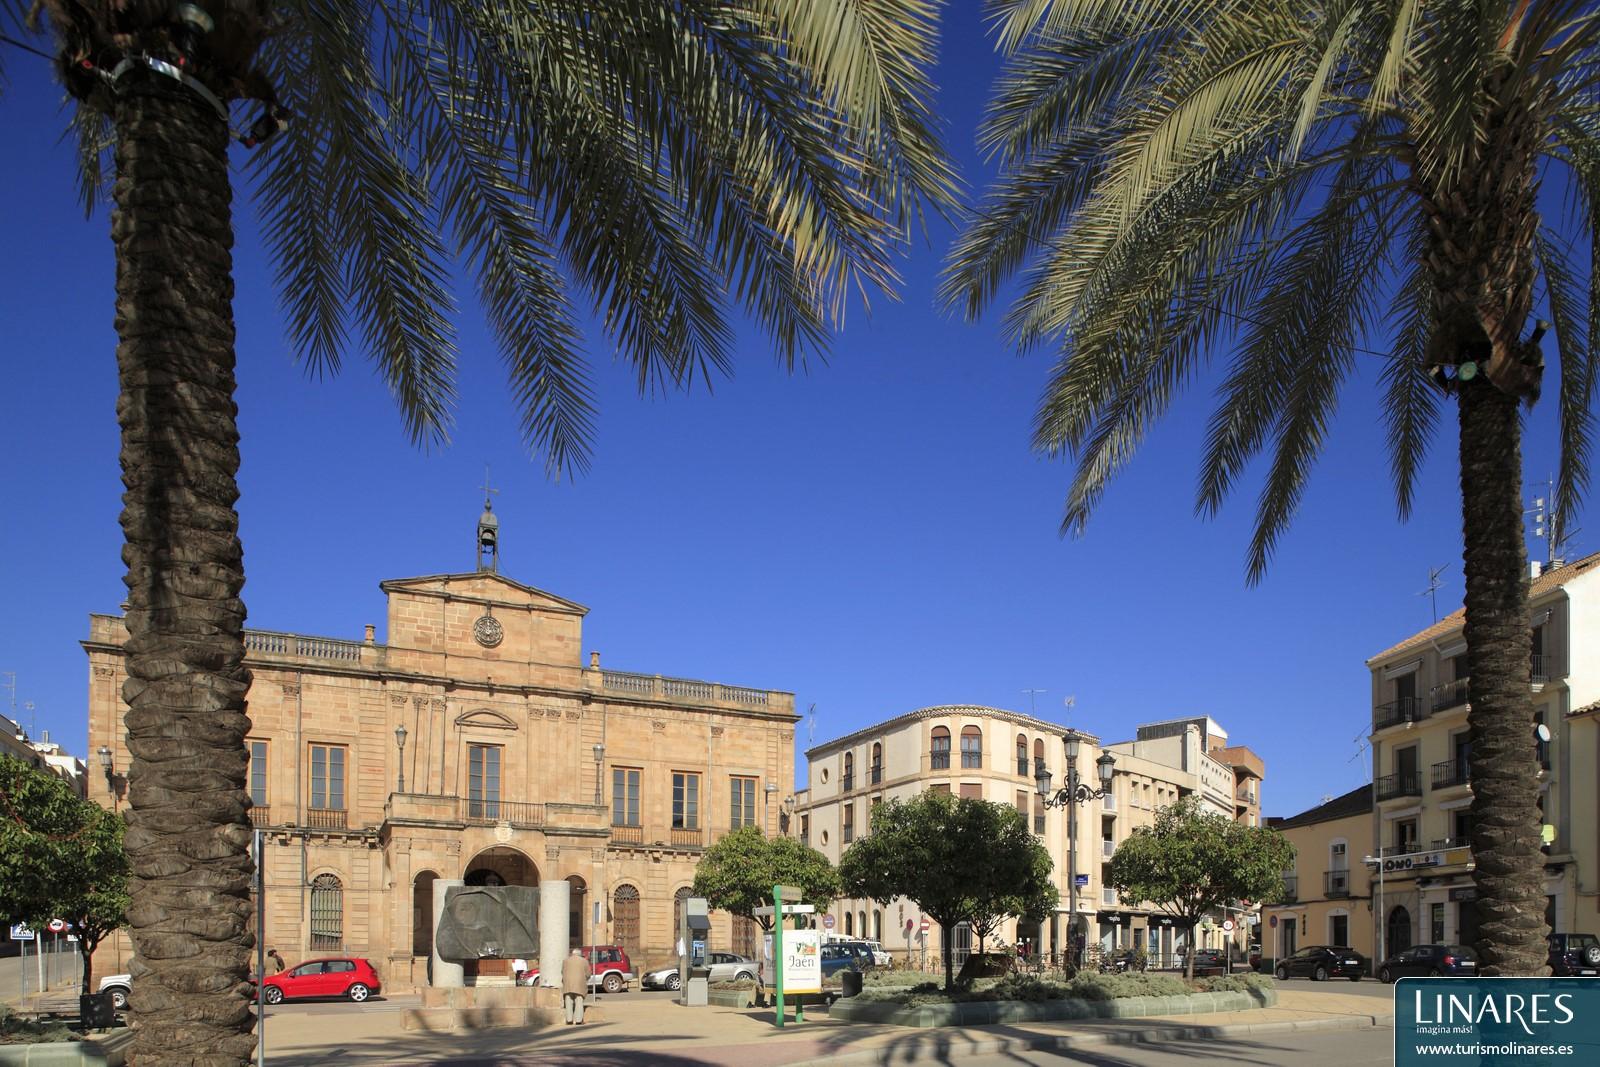 Casa Consistorial de Linares